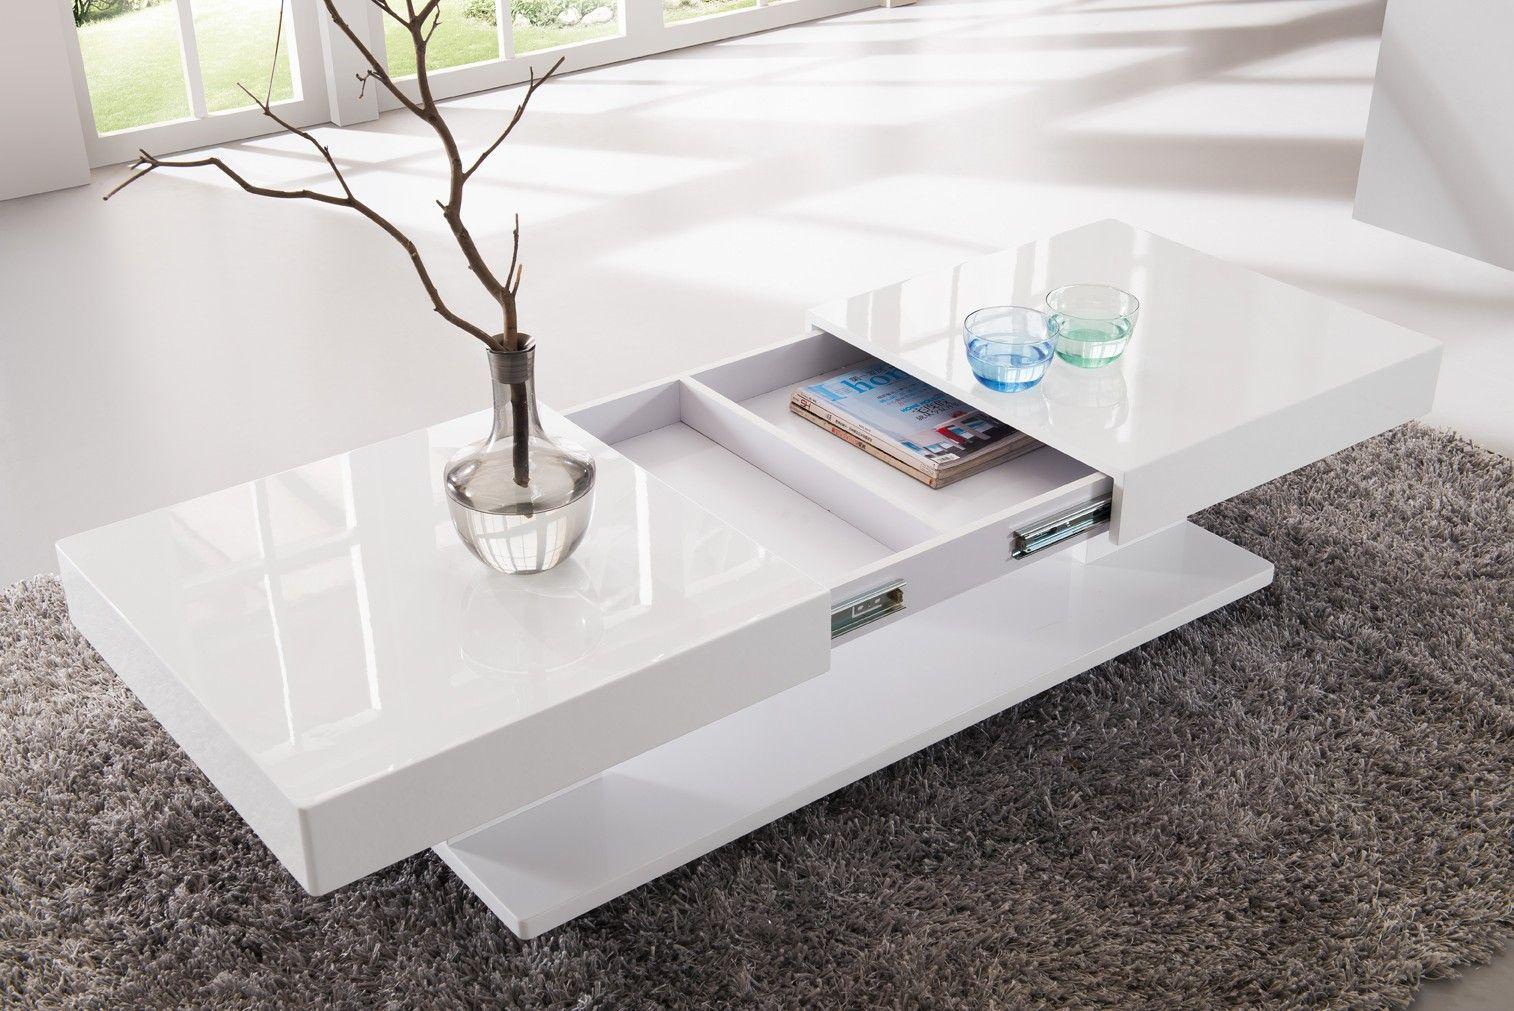 Table Basse Design Blanc Laque Avec Rangements Et Plateaux